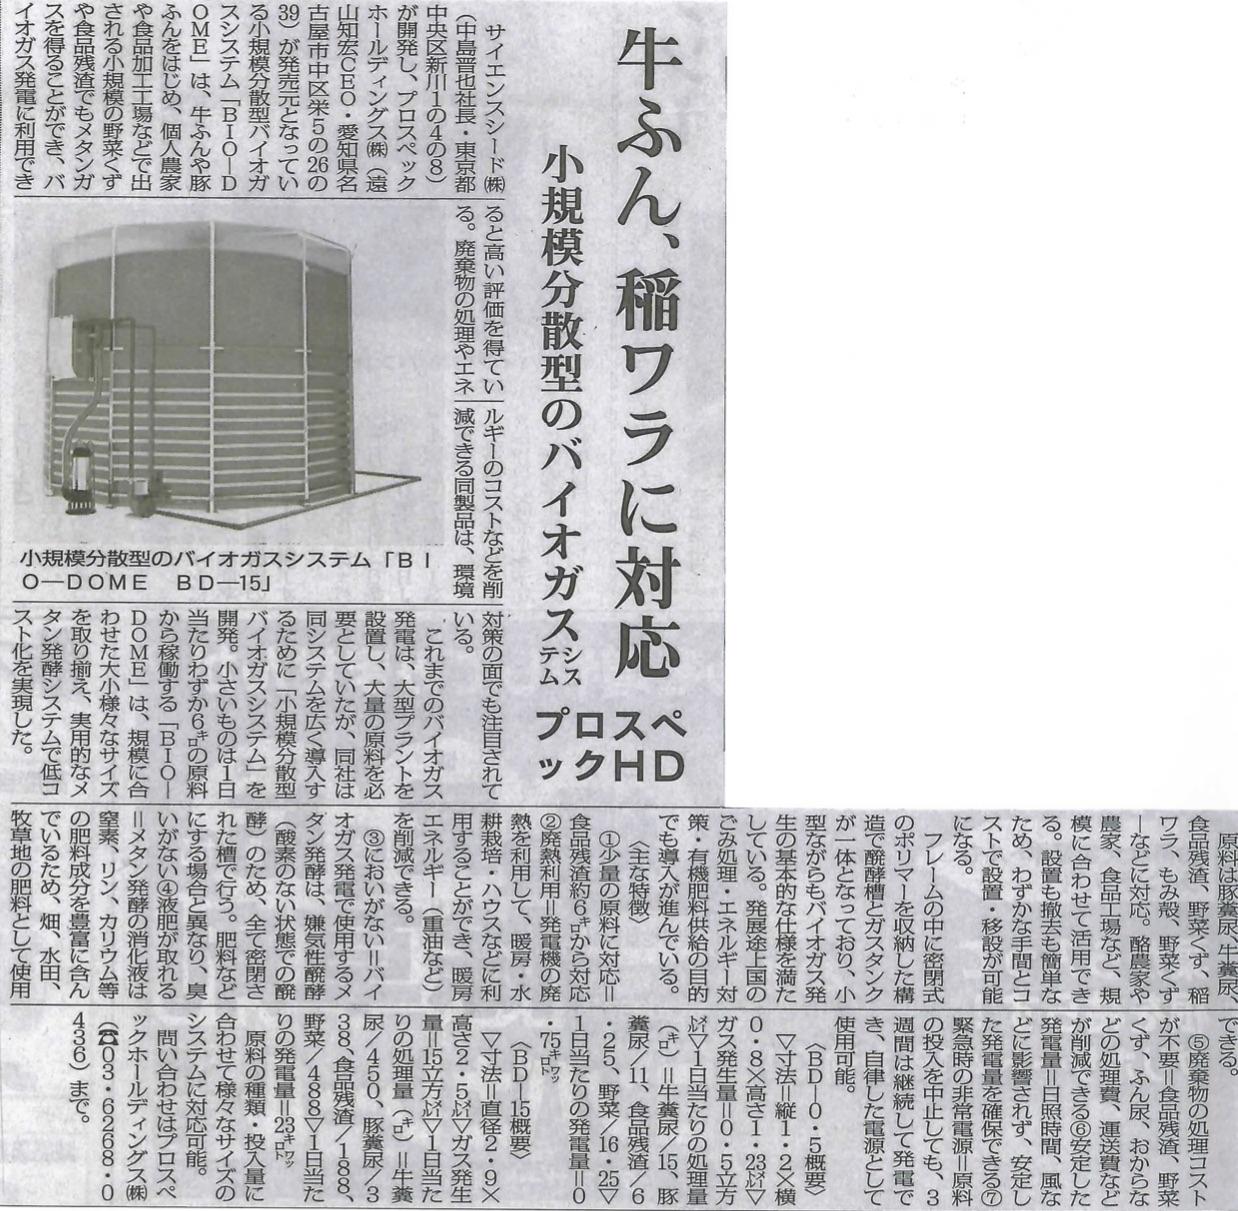 バイオガスシステム BIO-DOME BD-15